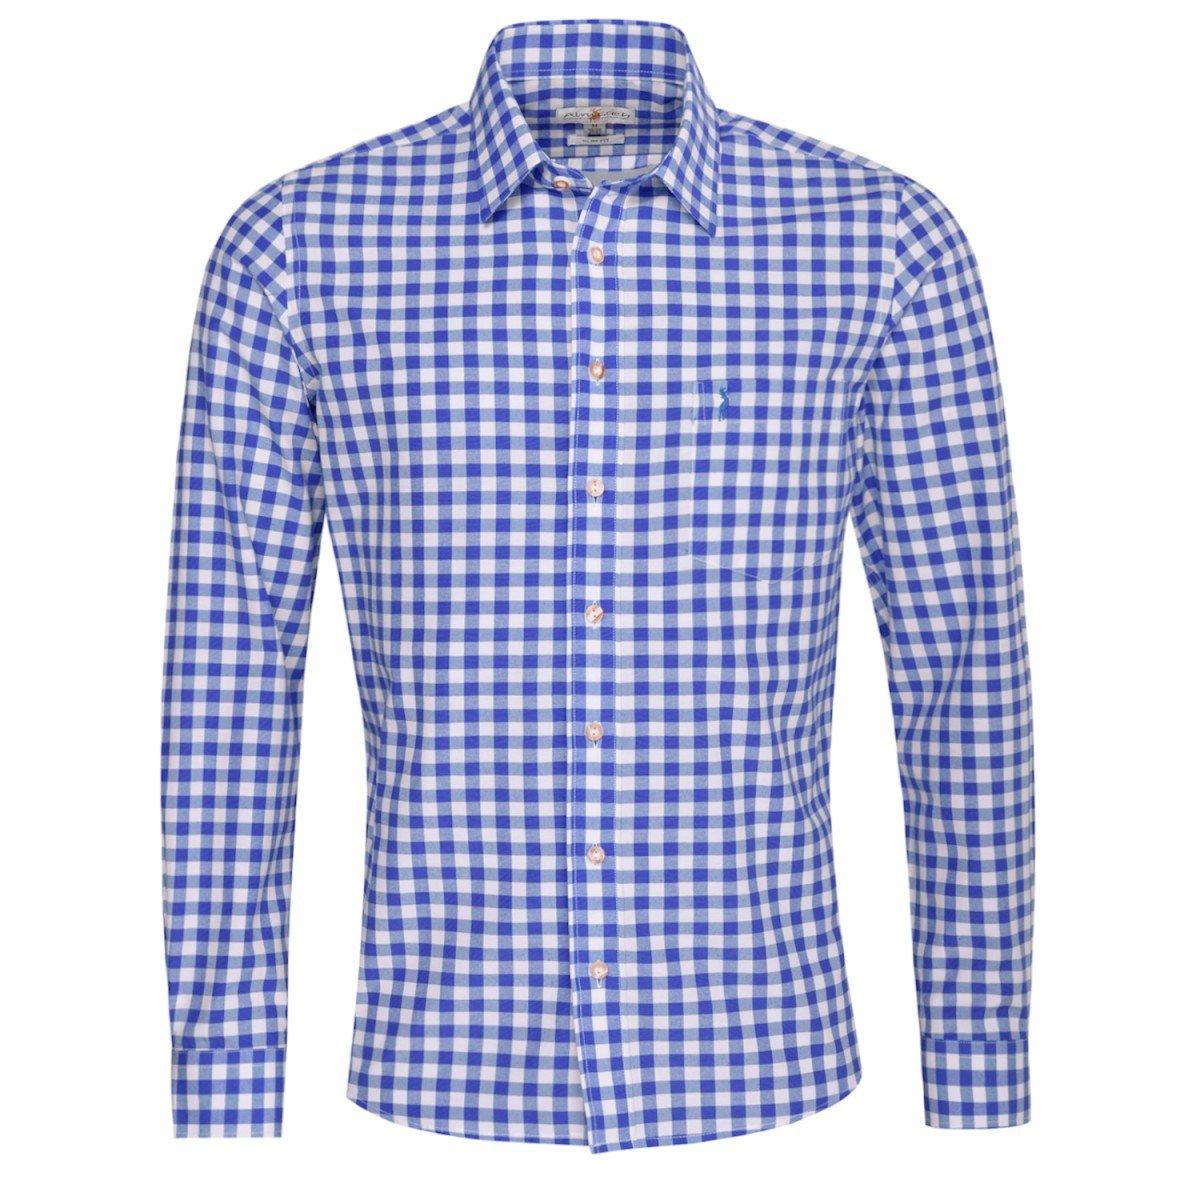 Almsach Trachtenhemd Clemens Slim Fit in Blau Inklusive Volksfestfinder Größe:XL Farbe:Blau